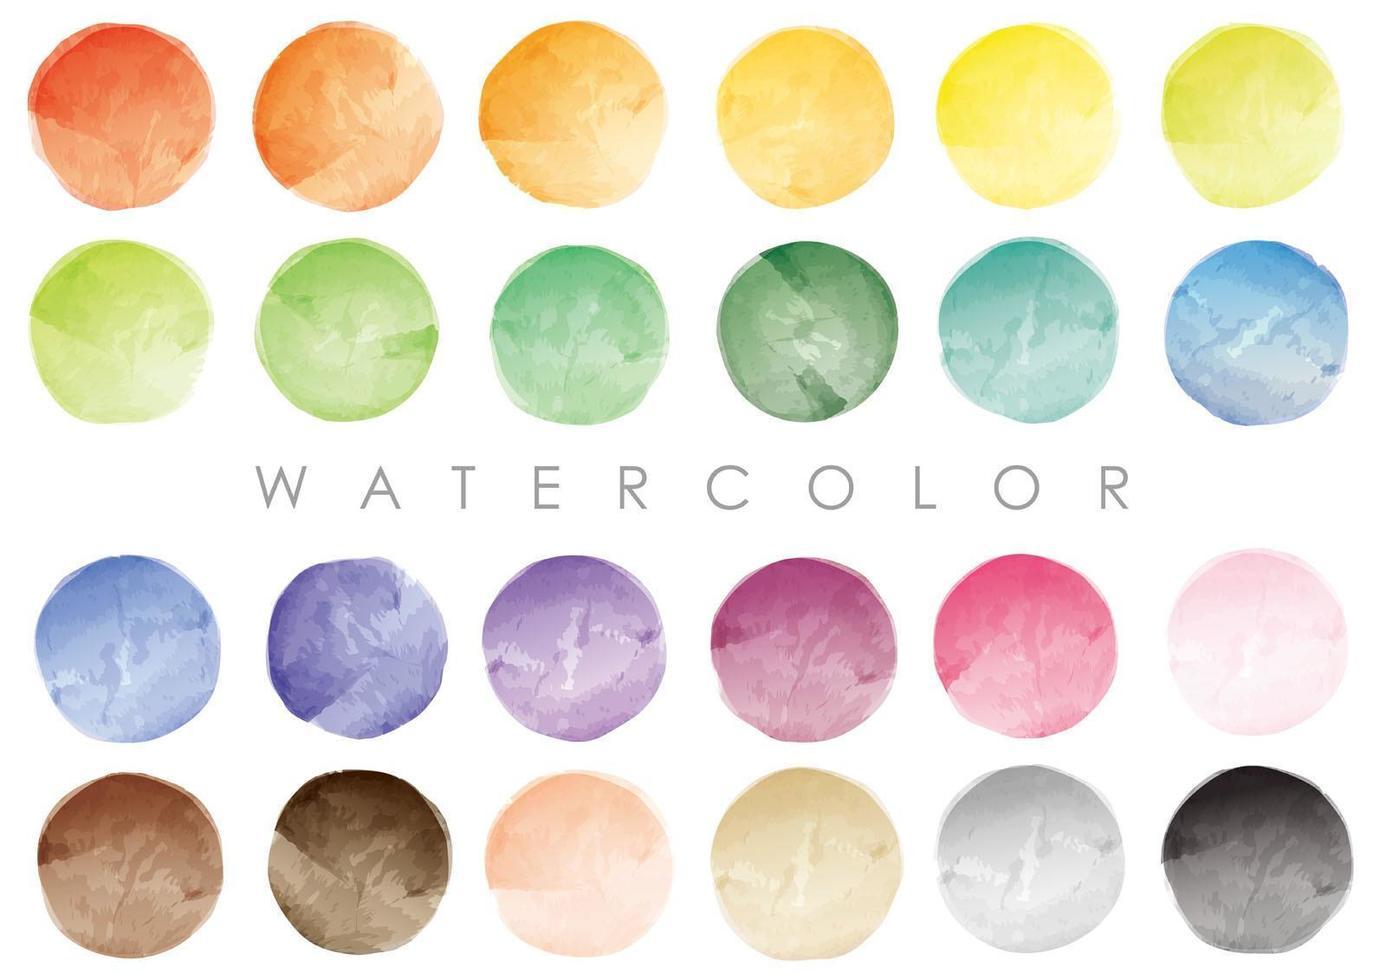 sfondi colorati rotondi ad acquerelli isolati su uno sfondo bianco. vettore